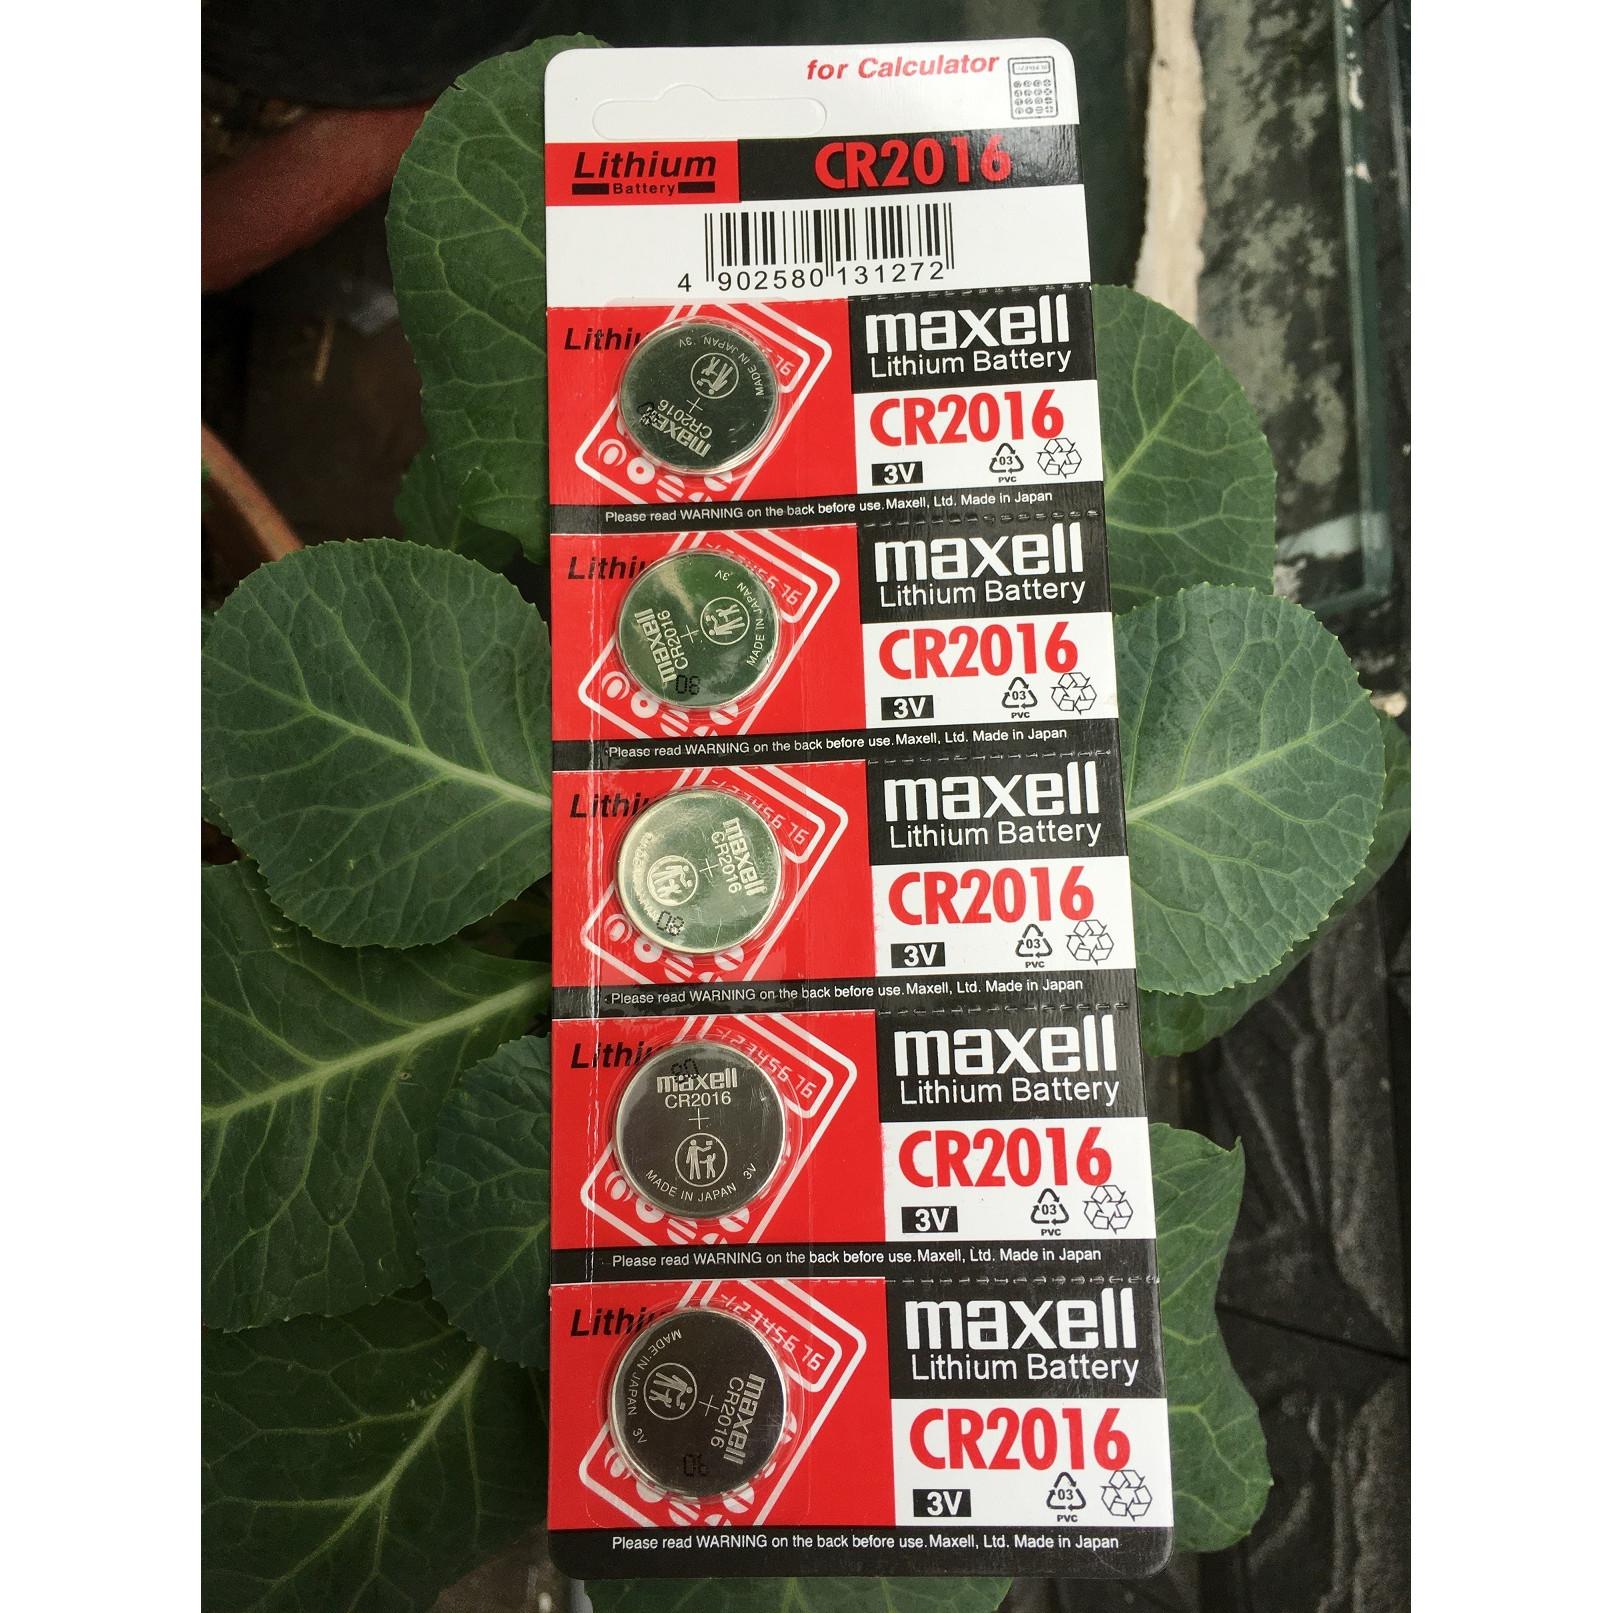 Pin CR2016 Maxell Lithium 3V vỉ 5 viên